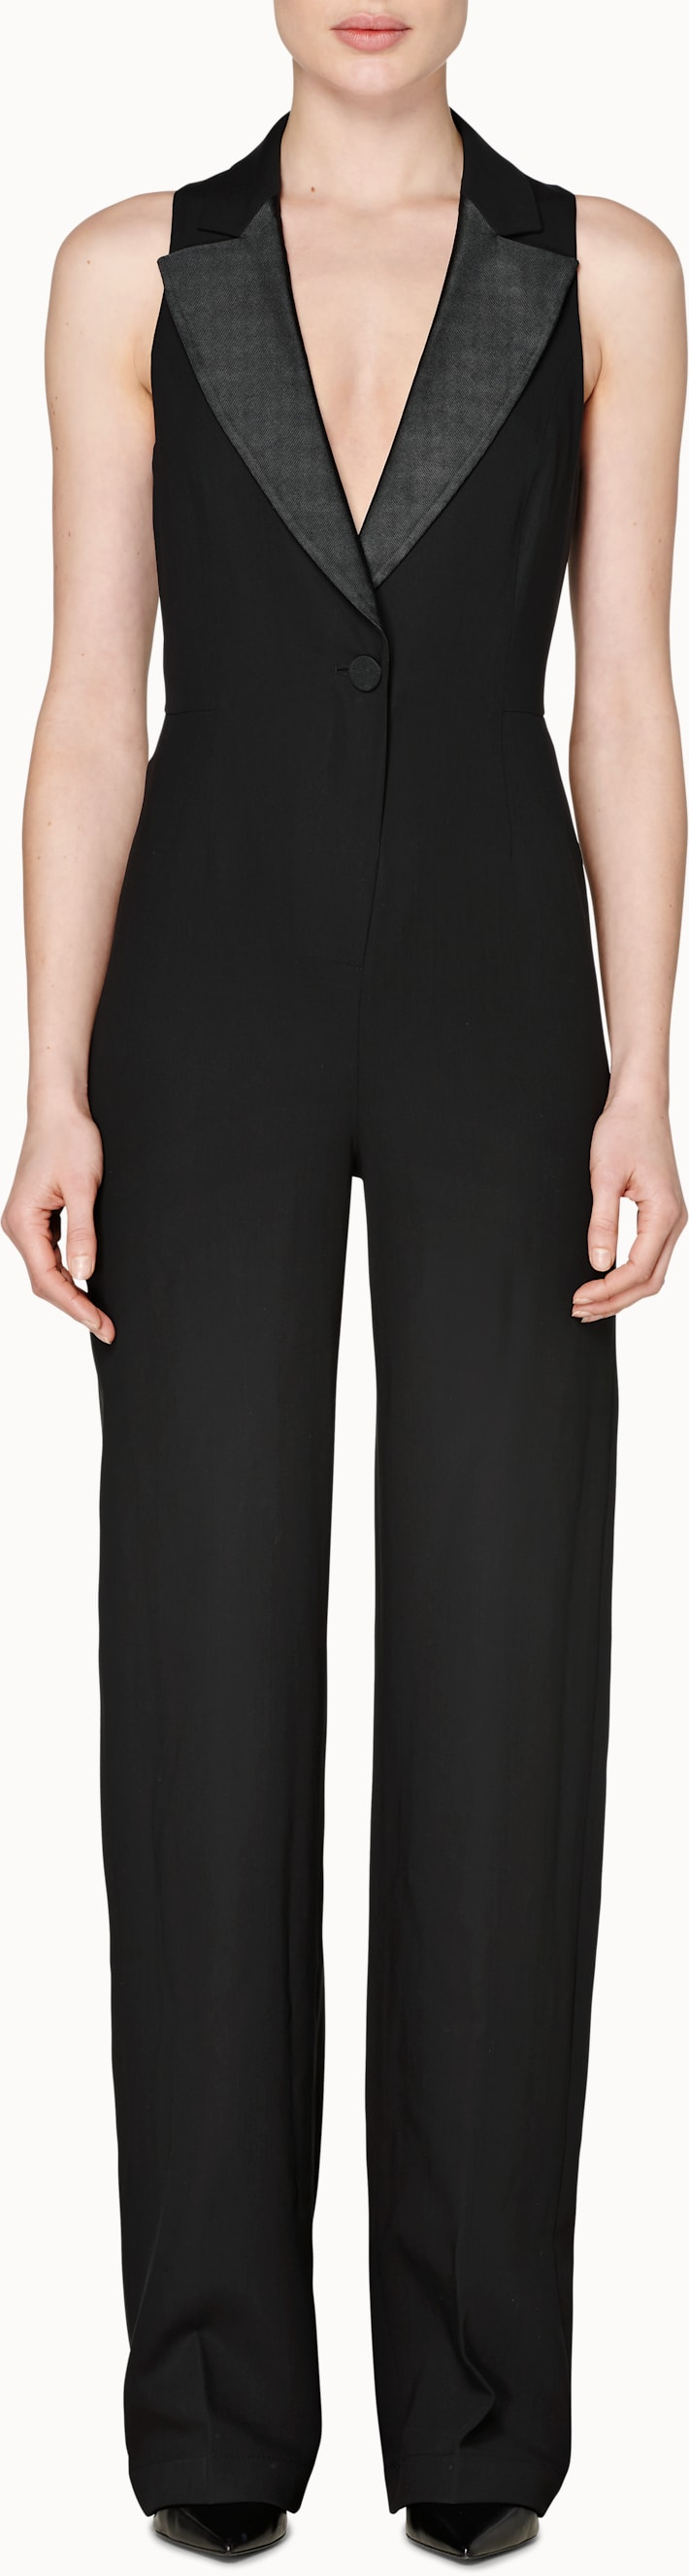 Grace Black  Jumpsuit